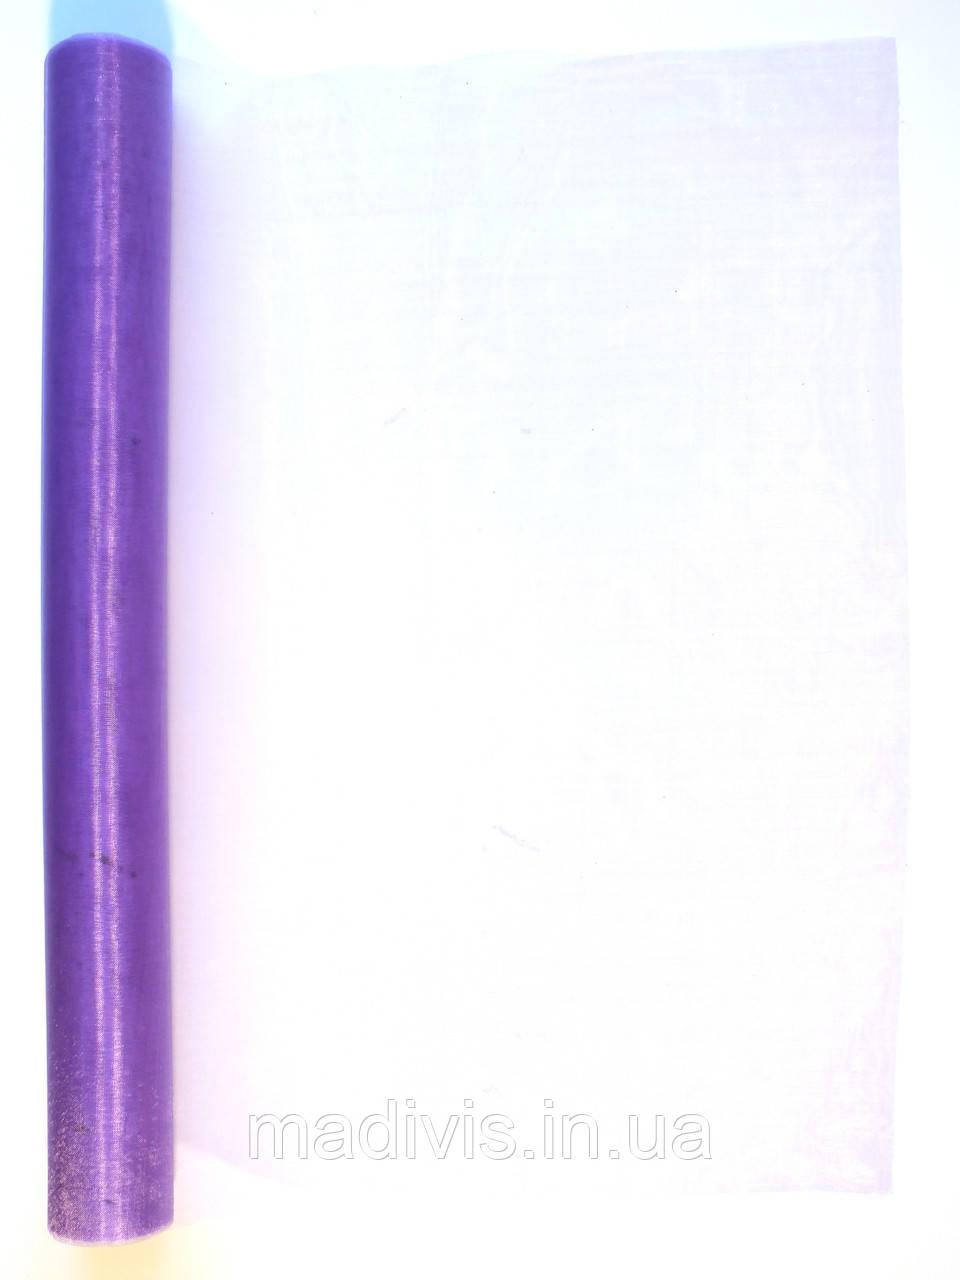 Органза снег сиреневая (48 см. х 4,6 м.)